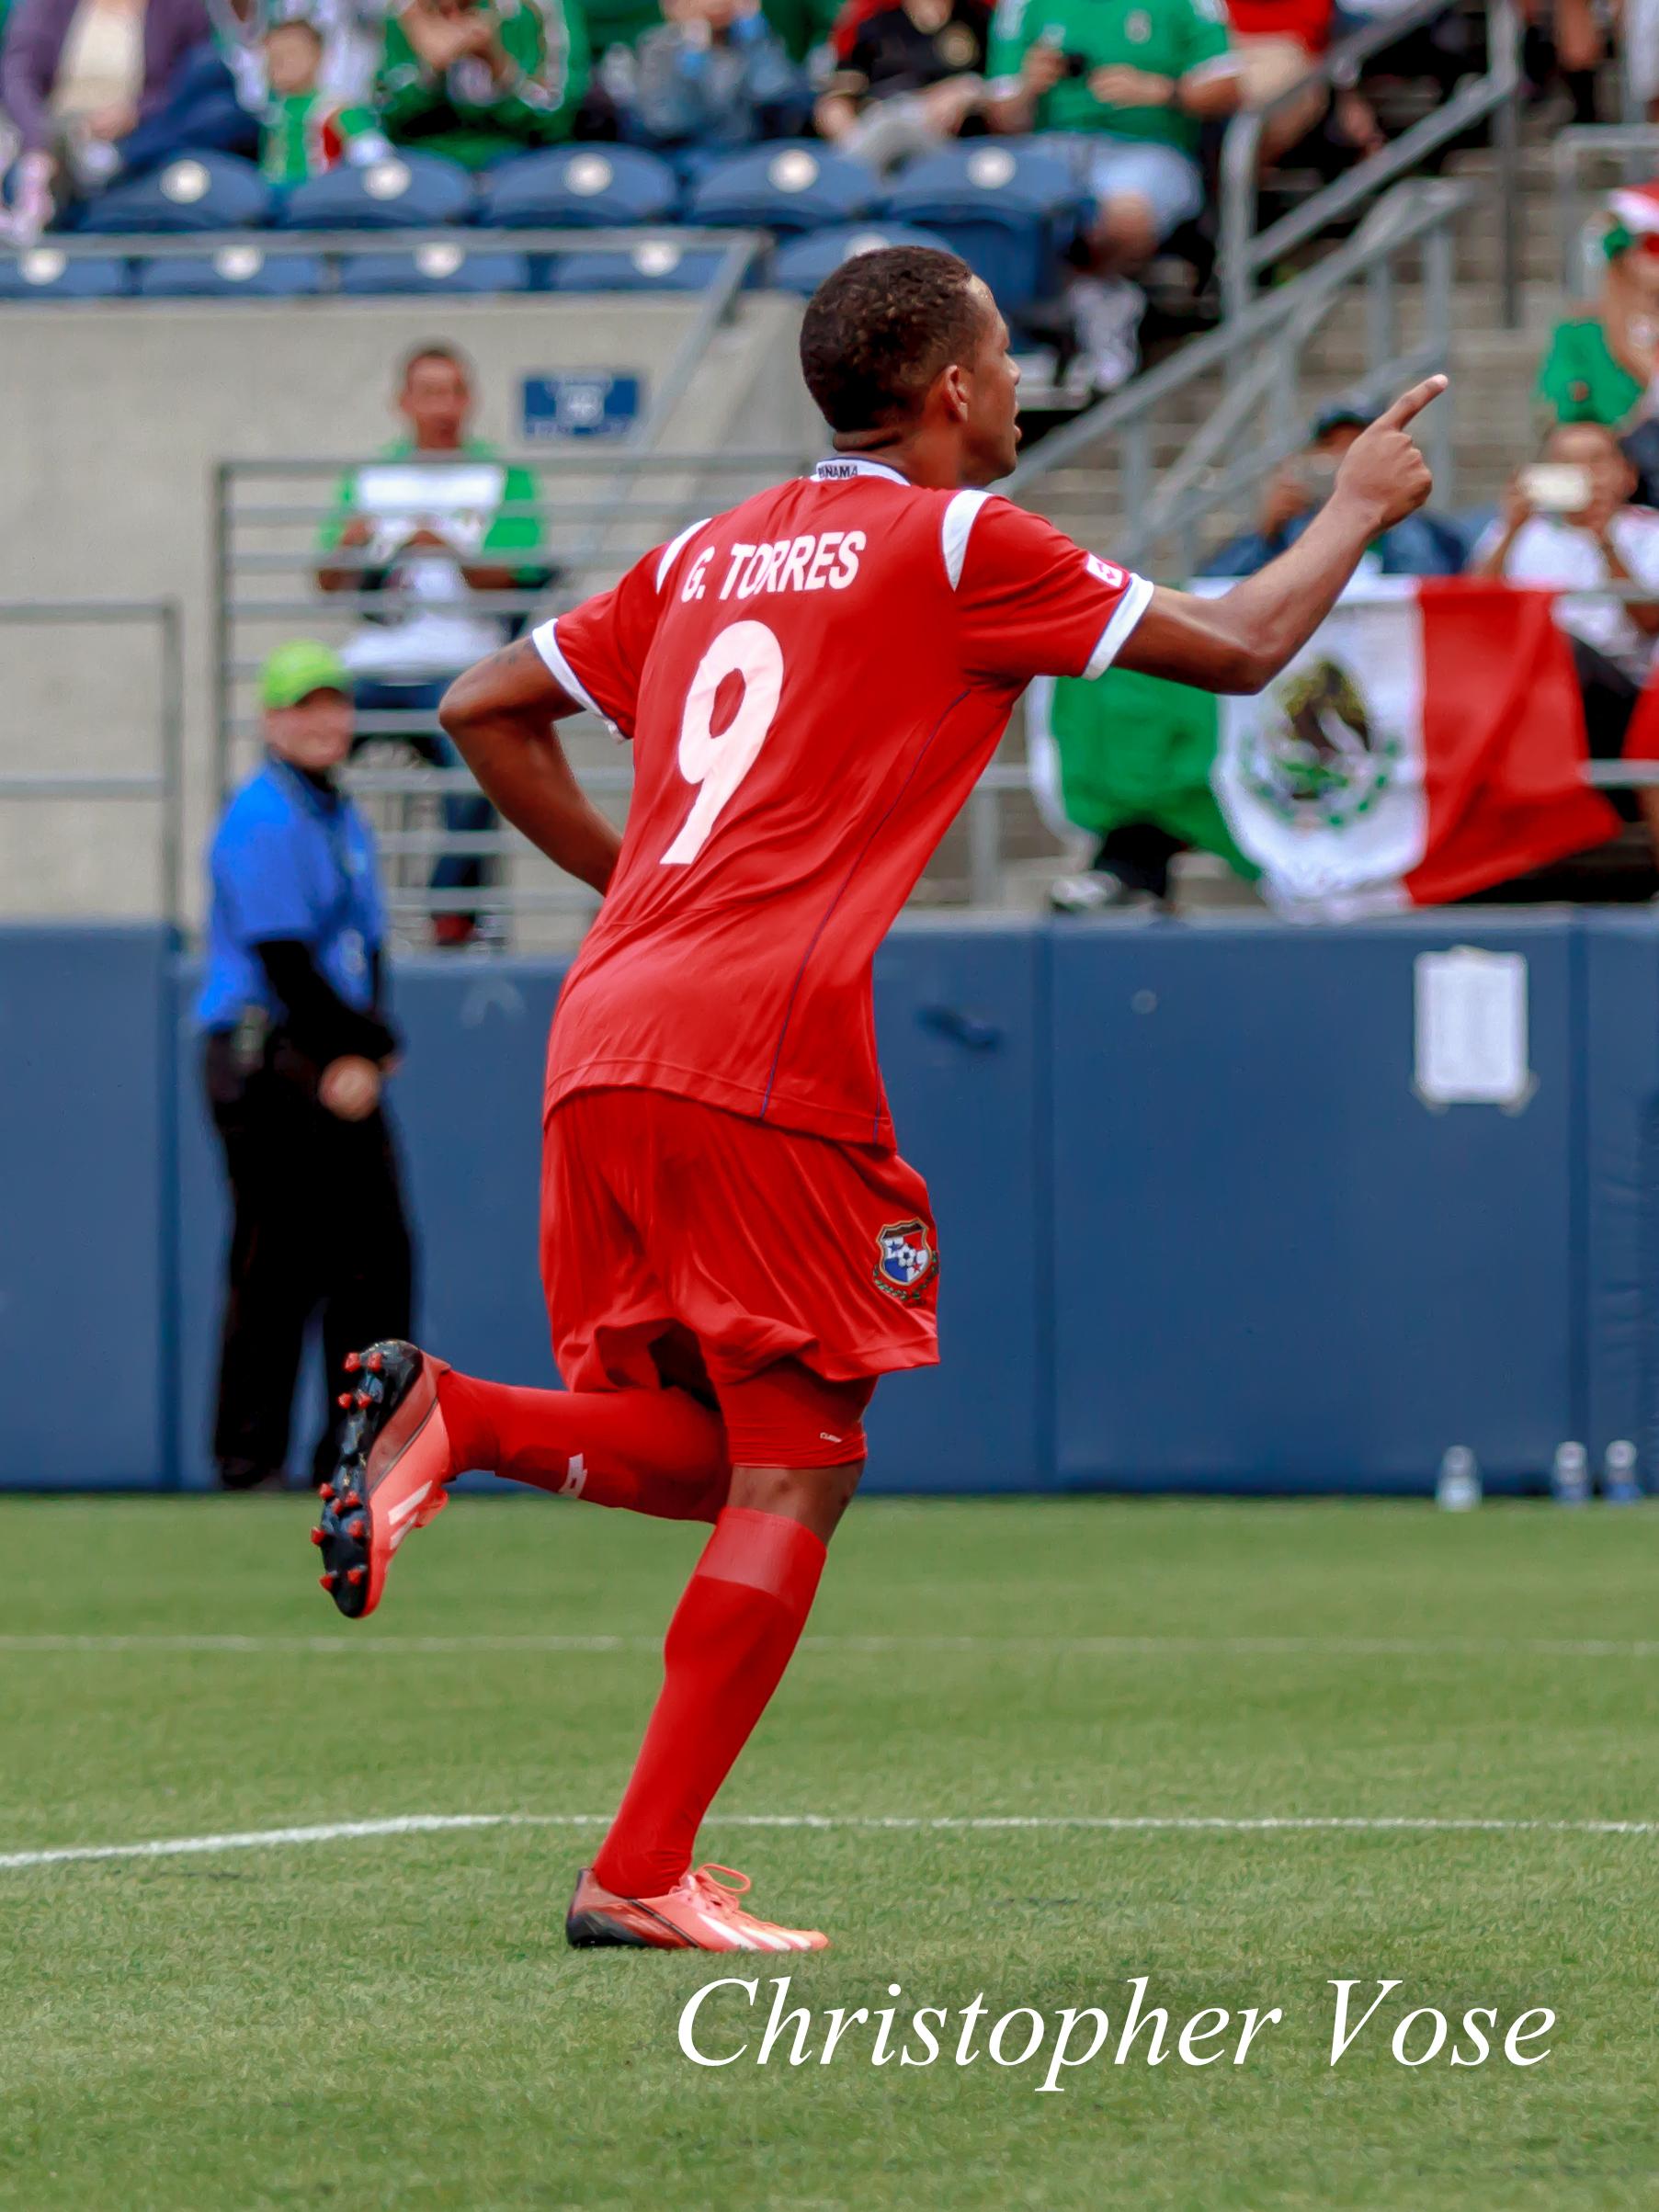 2013-07-11 Gabriel Torres Goal Celebration.jpg